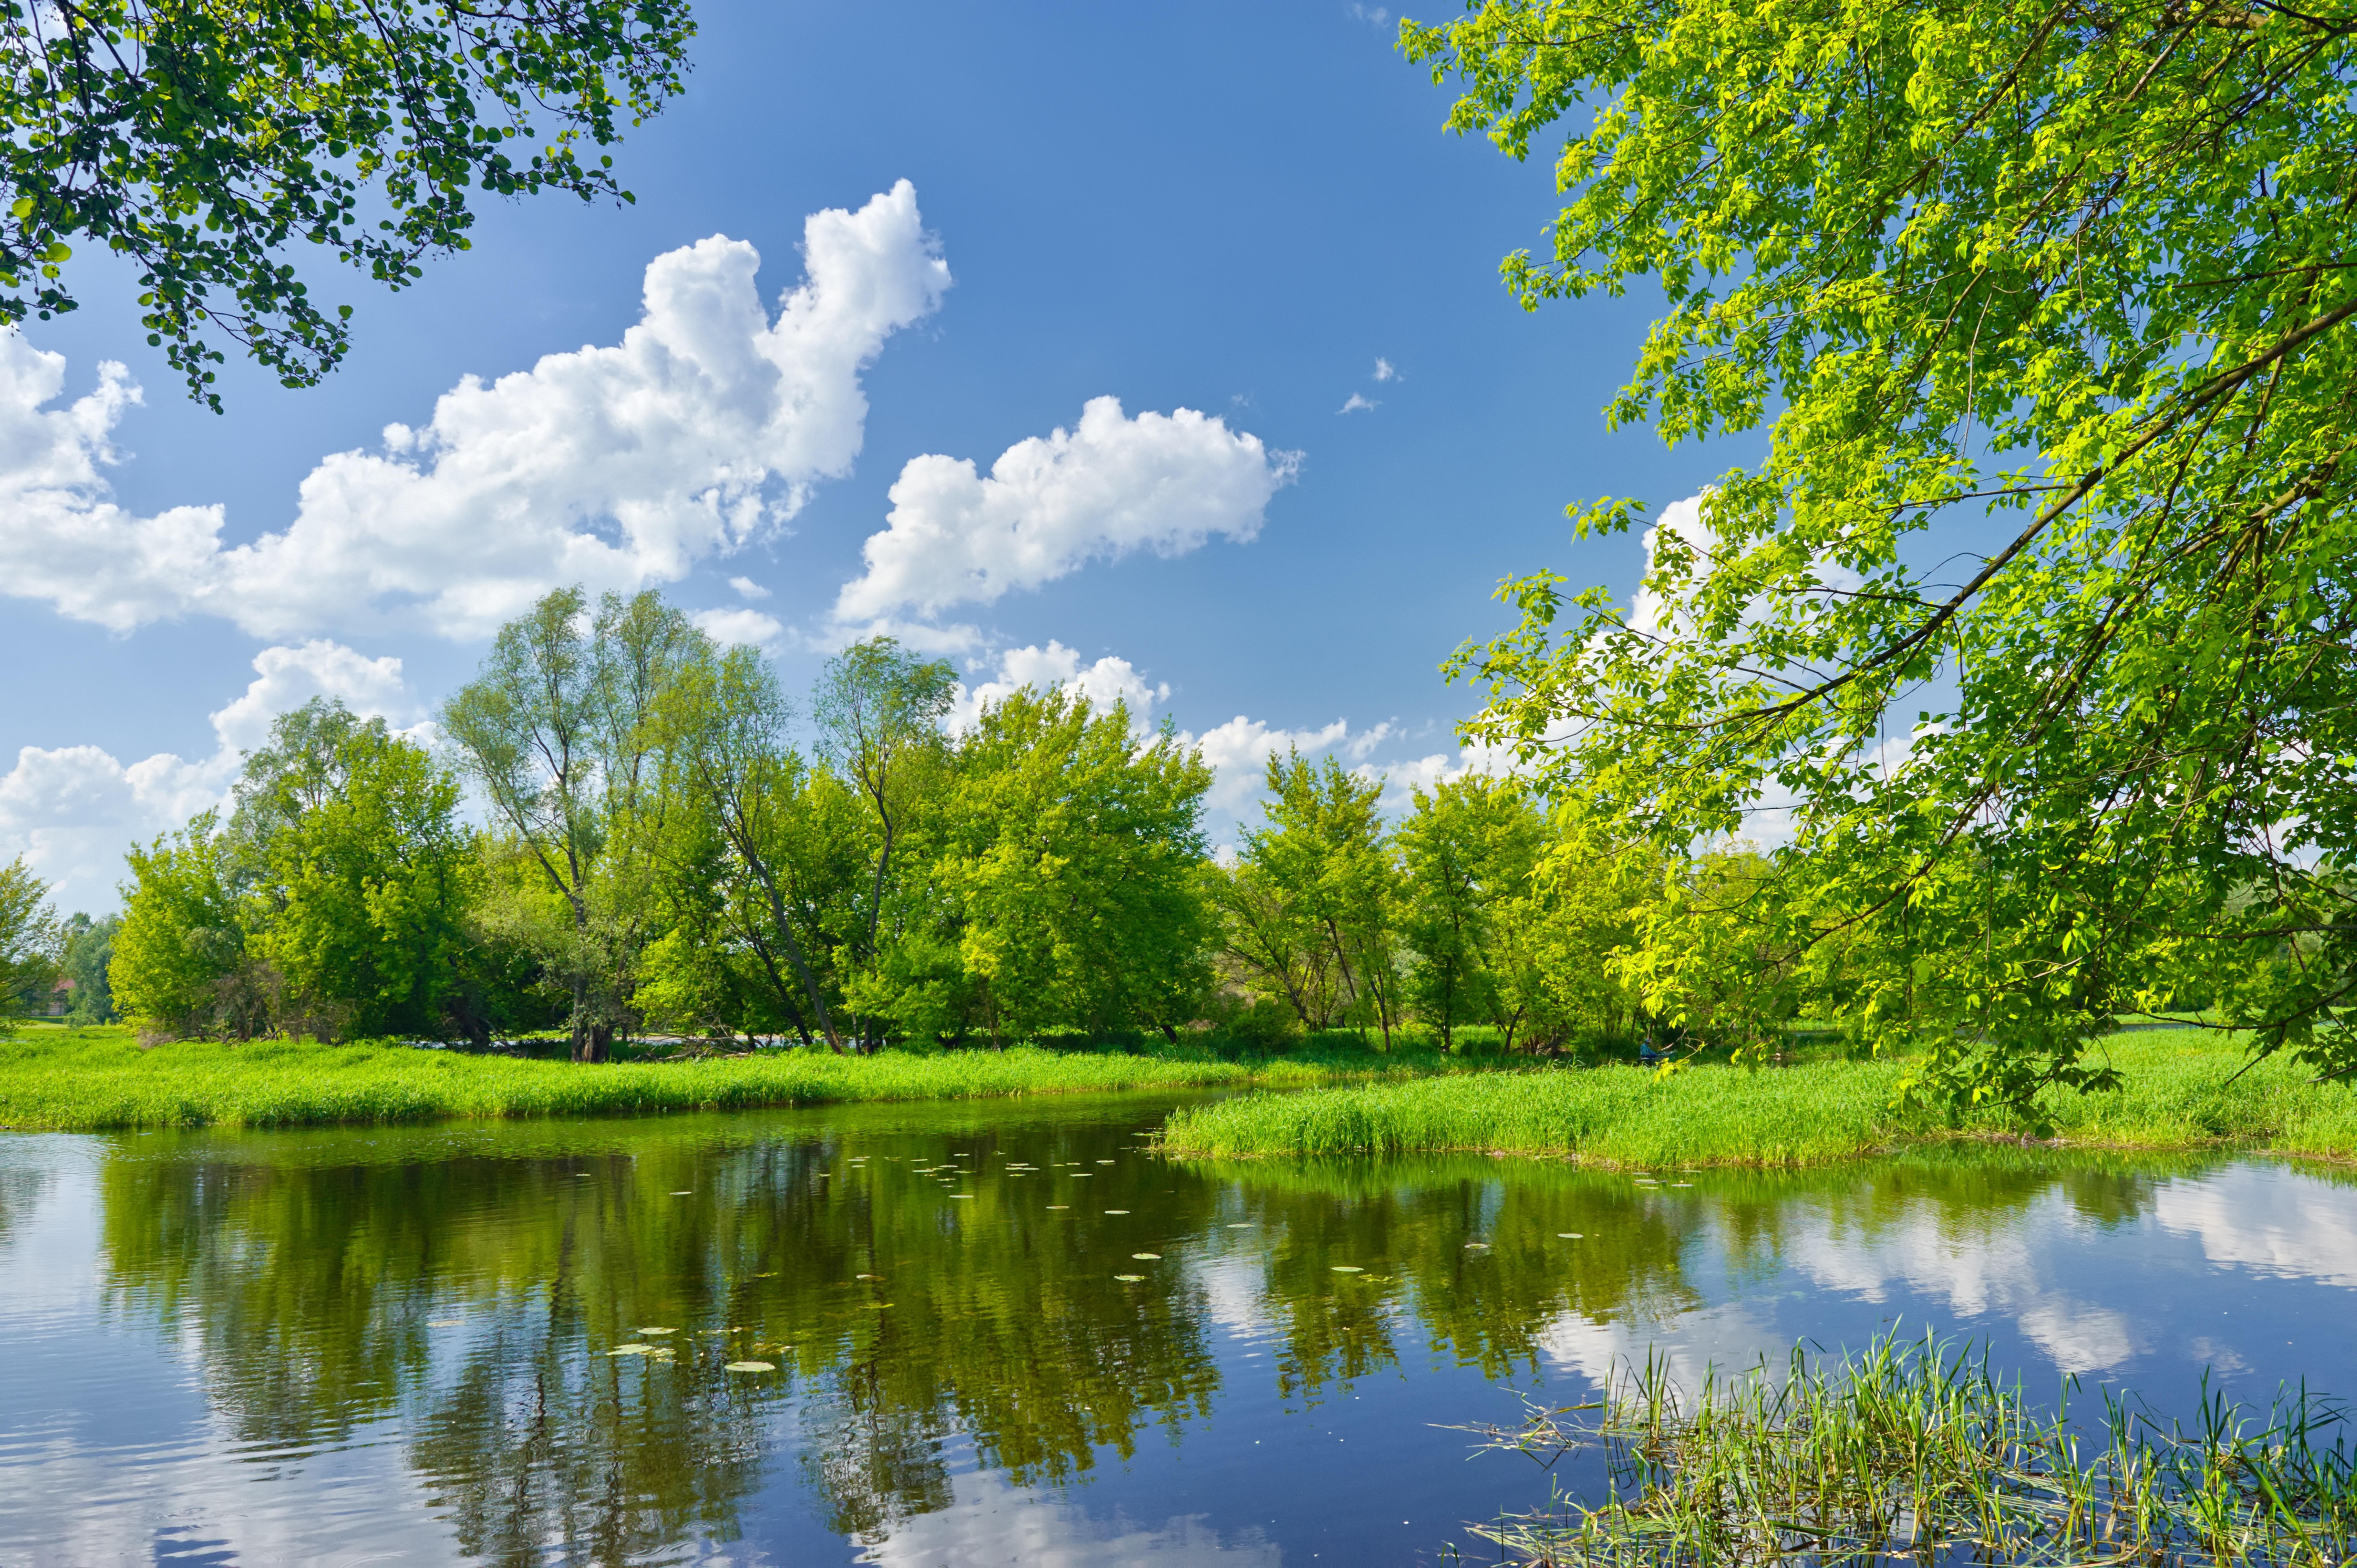 Картинка: Река, лето, пейзаж, вода, отражение, деревья, облака